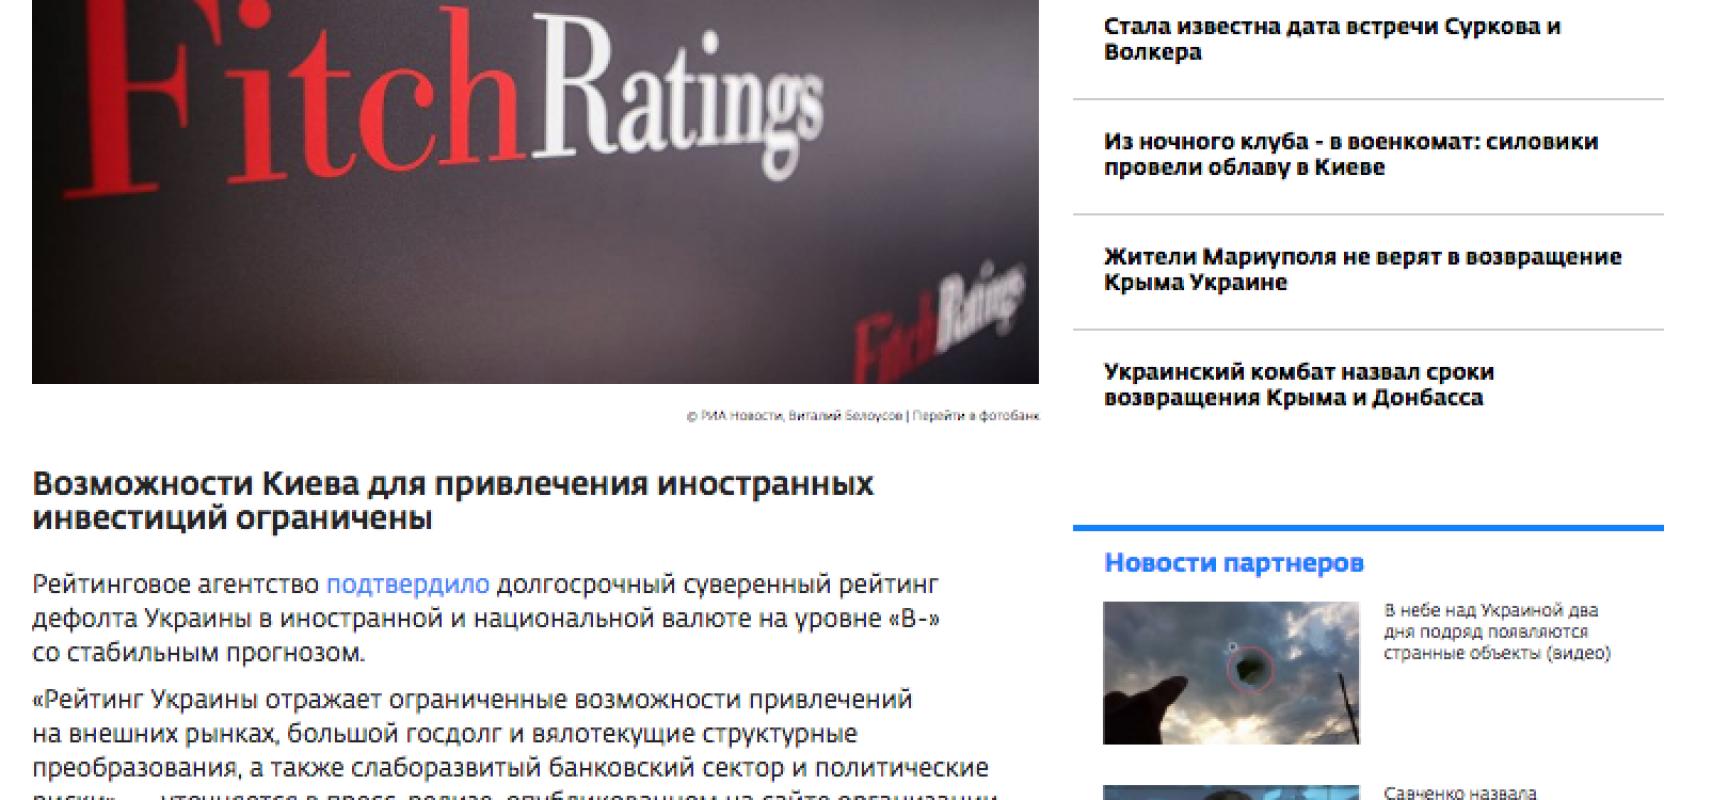 Fake: Le previsioni dell'agenzia di Fitch per l'Ucraina sono deludenti